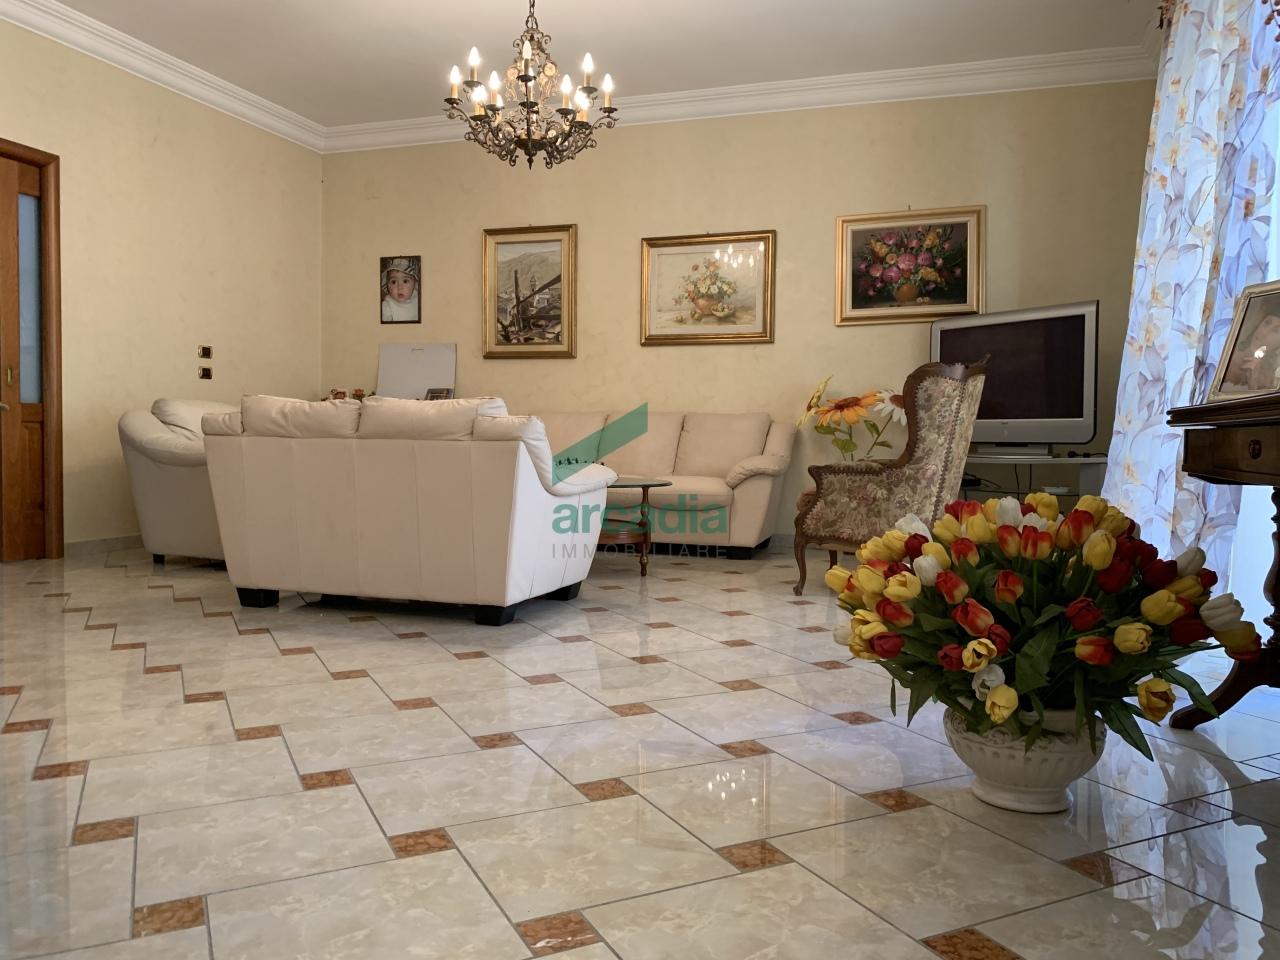 Appartamento in vendita a Bari, 6 locali, prezzo € 490.000   CambioCasa.it